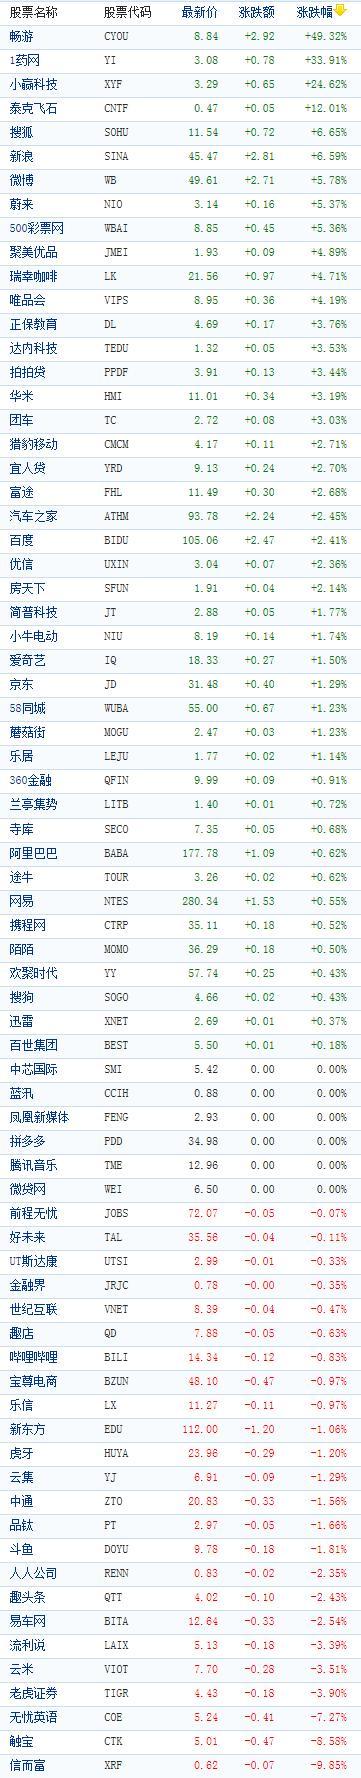 中概股收盘涨跌互现:畅游涨近50% 信而富跌近10%